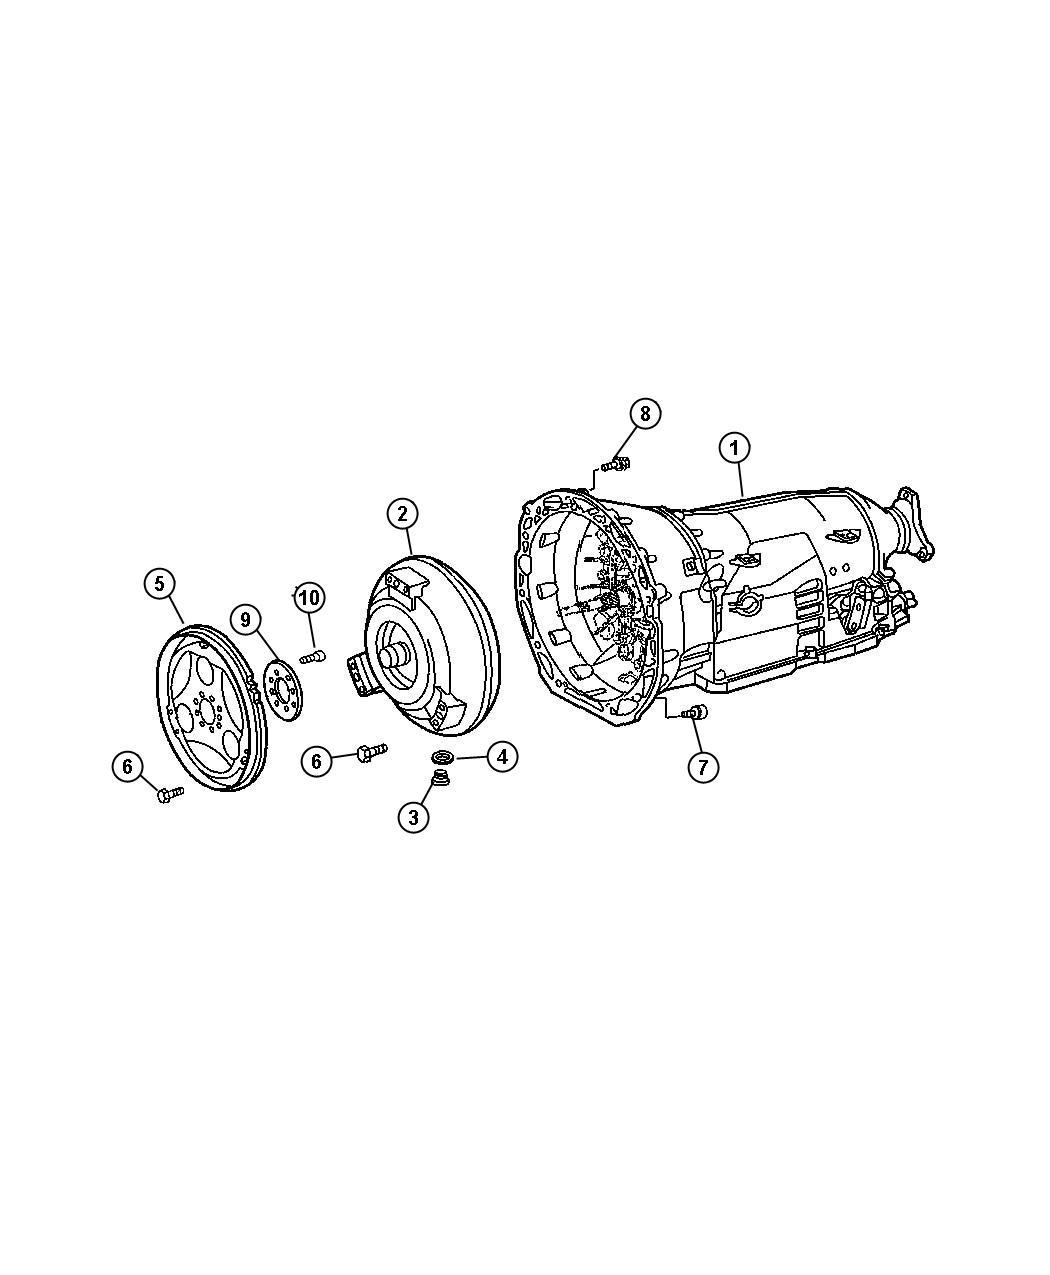 Dodge Sprinter Plug M10x1x11mm Drain Screw